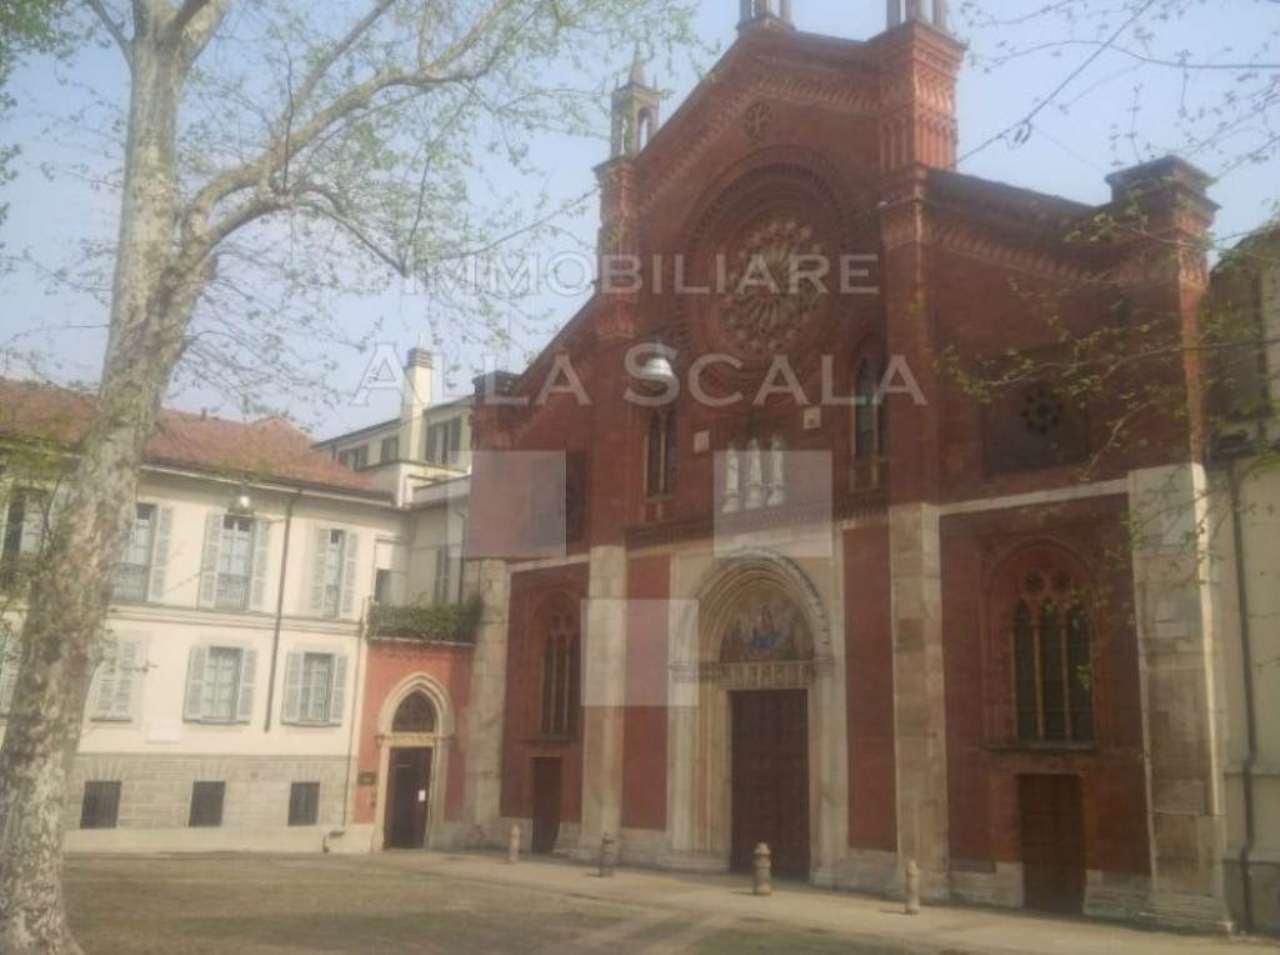 Affitto  bilocale Milano Via San Marco 1 939176